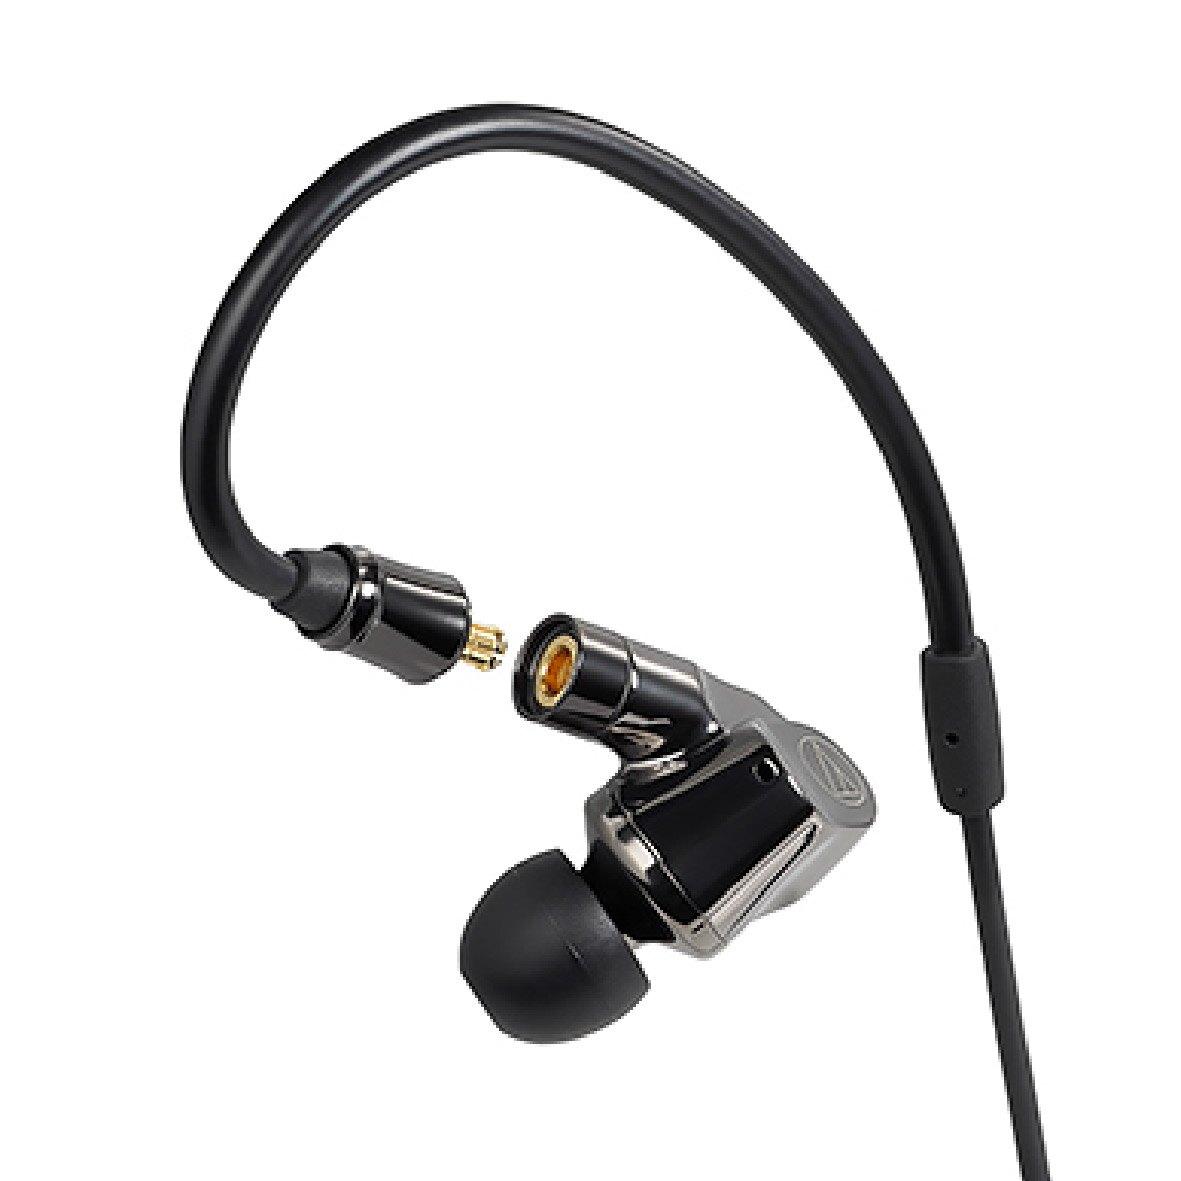 鐵三角 ATH-IEX1 黑色 平衡電樞與被動輻射器耳道 入耳式耳機  | 金曲音響